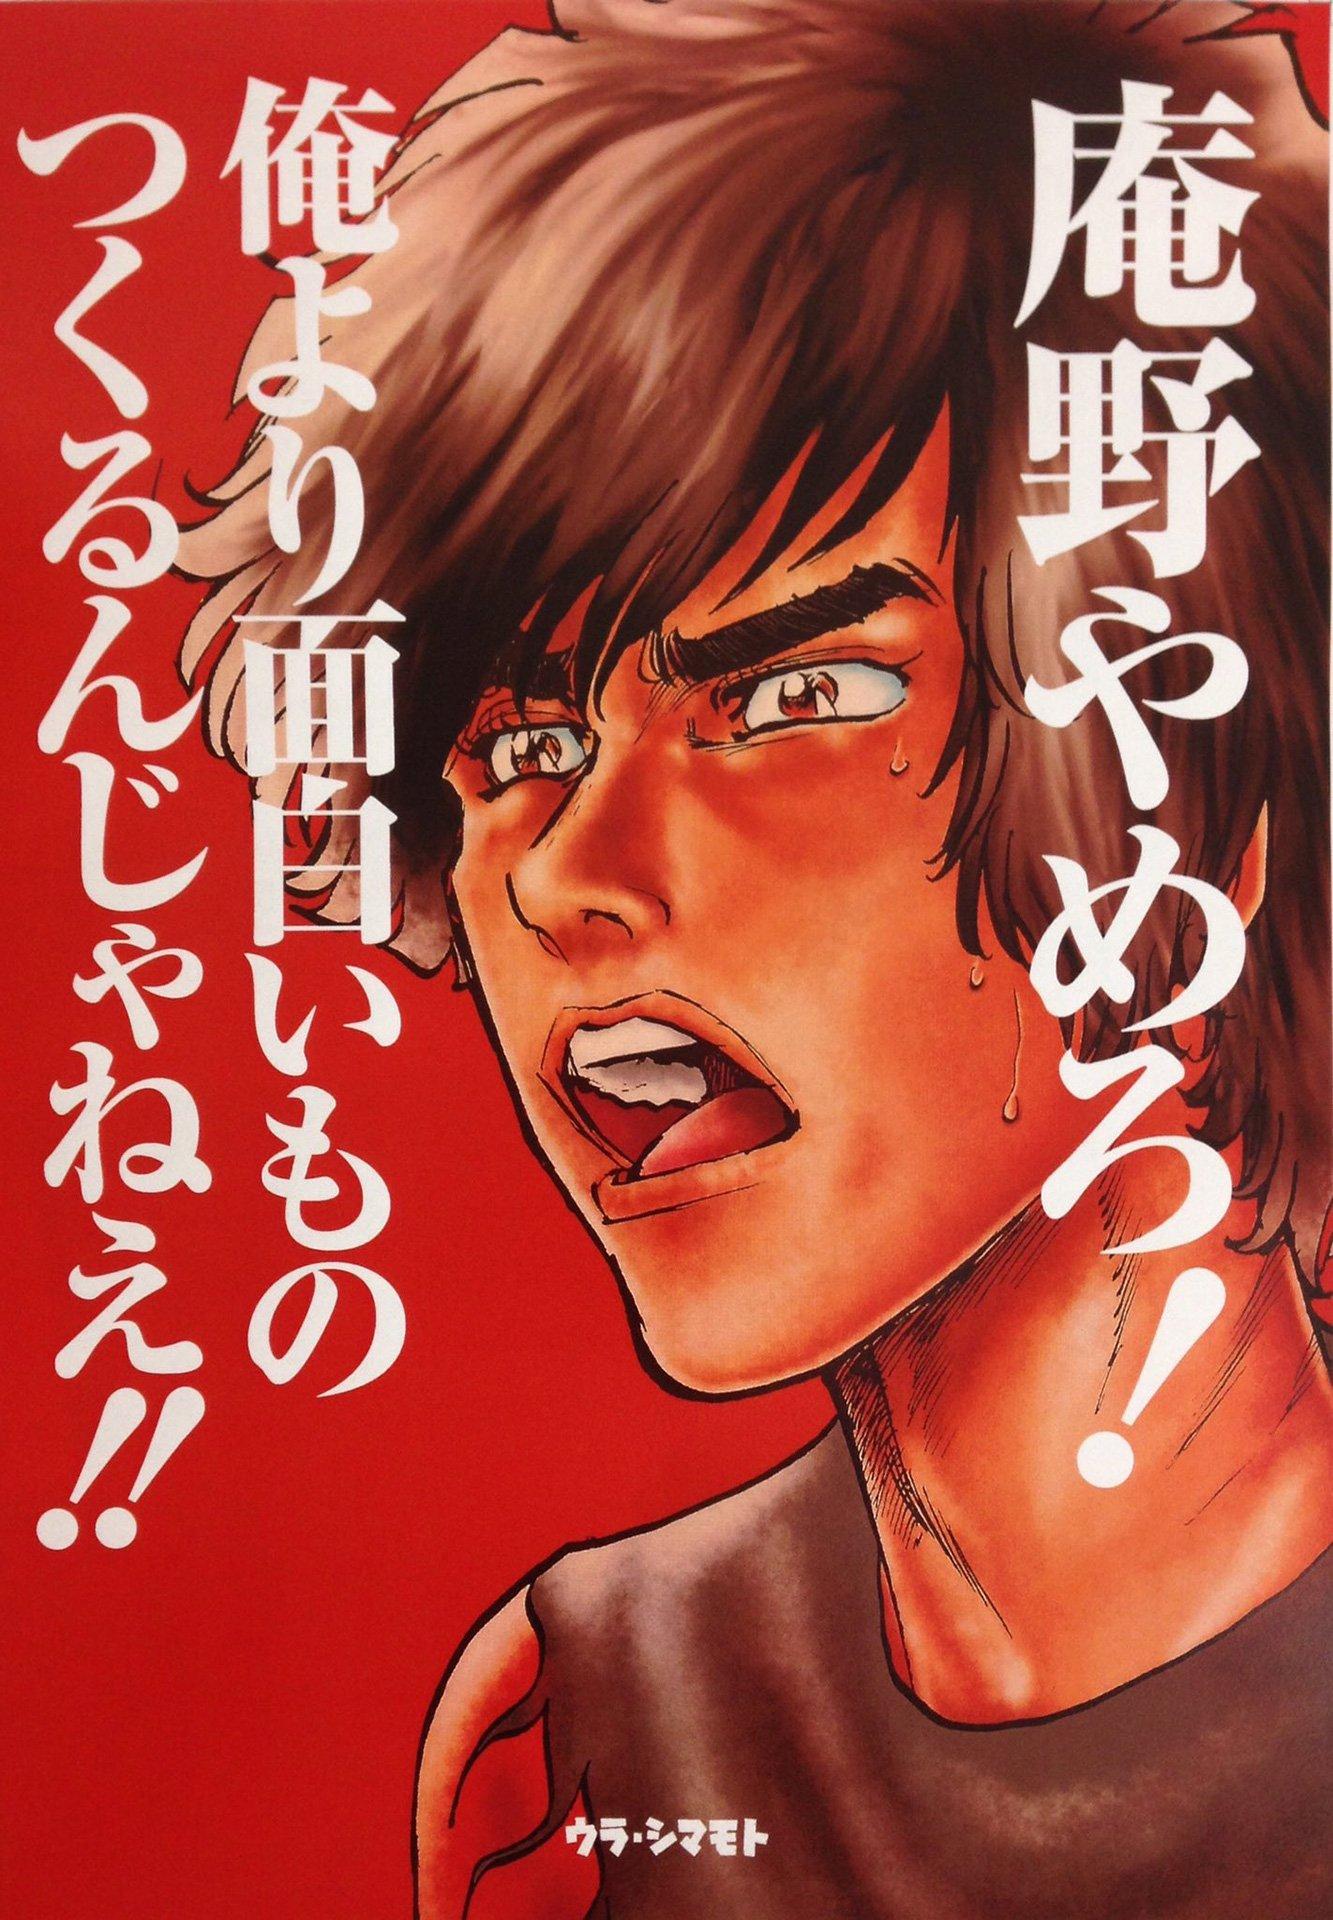 島本和彦の『シン・ゴジラ』解説本 「俺より面白いものつくるんじゃねぇ!」